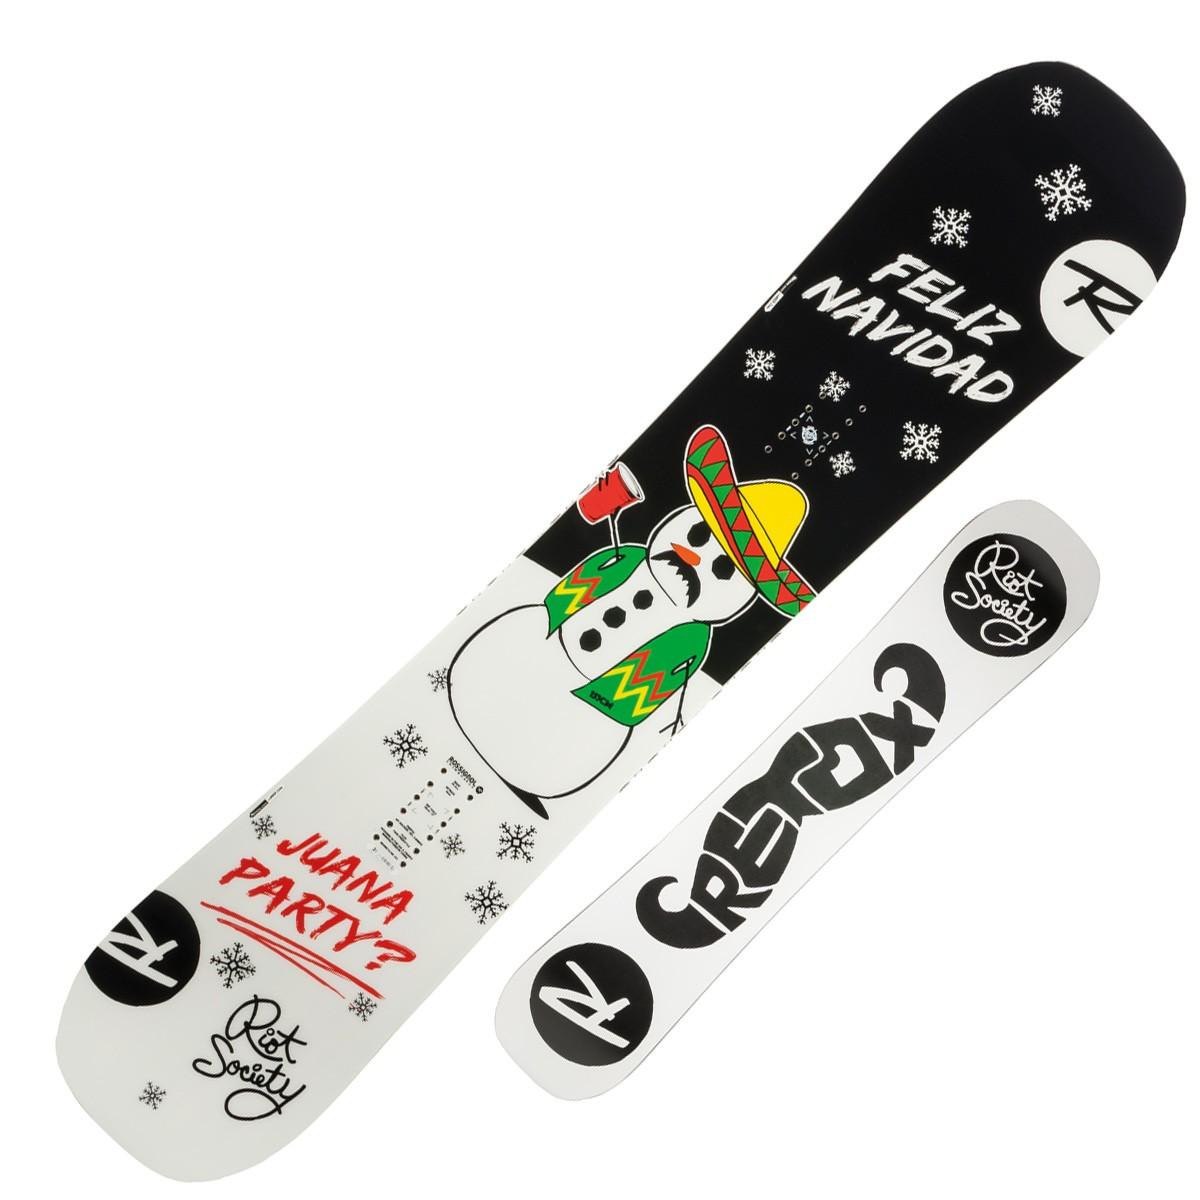 Snowboard Rossignol Retox (Colore: fantasia, Taglia: 147)